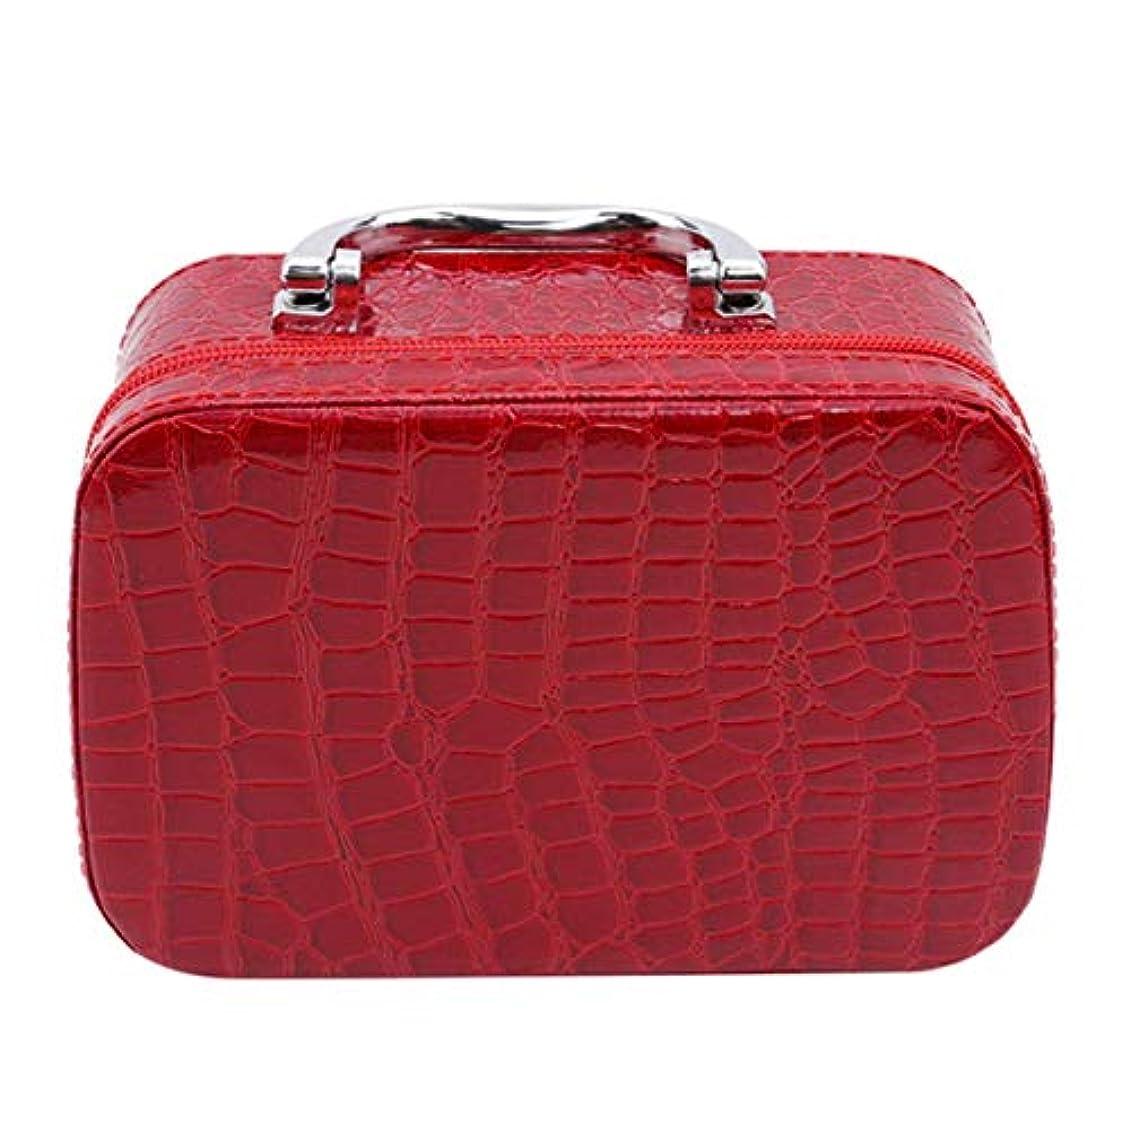 致命的放棄されたダイエット1st market ミラーが付いている優れた旅行携帯用化粧品袋のオルガナイザーの女性の化粧品の箱